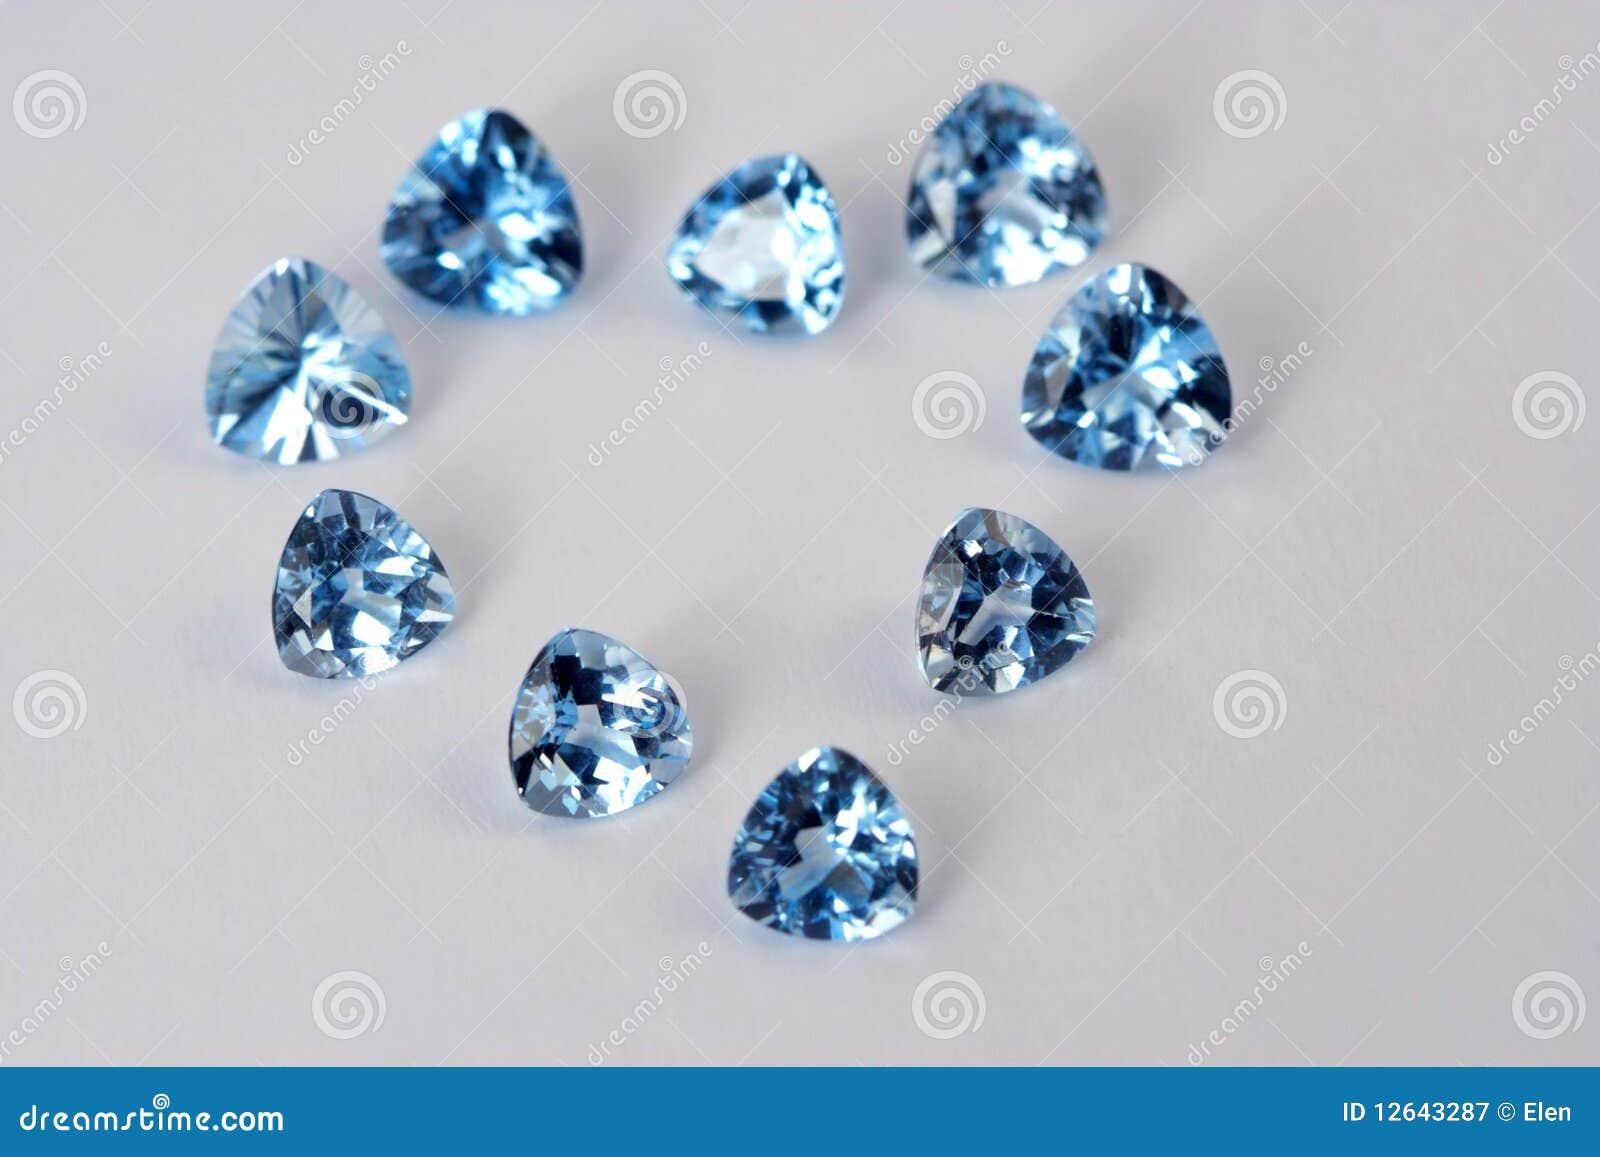 Luxury gems in view heart